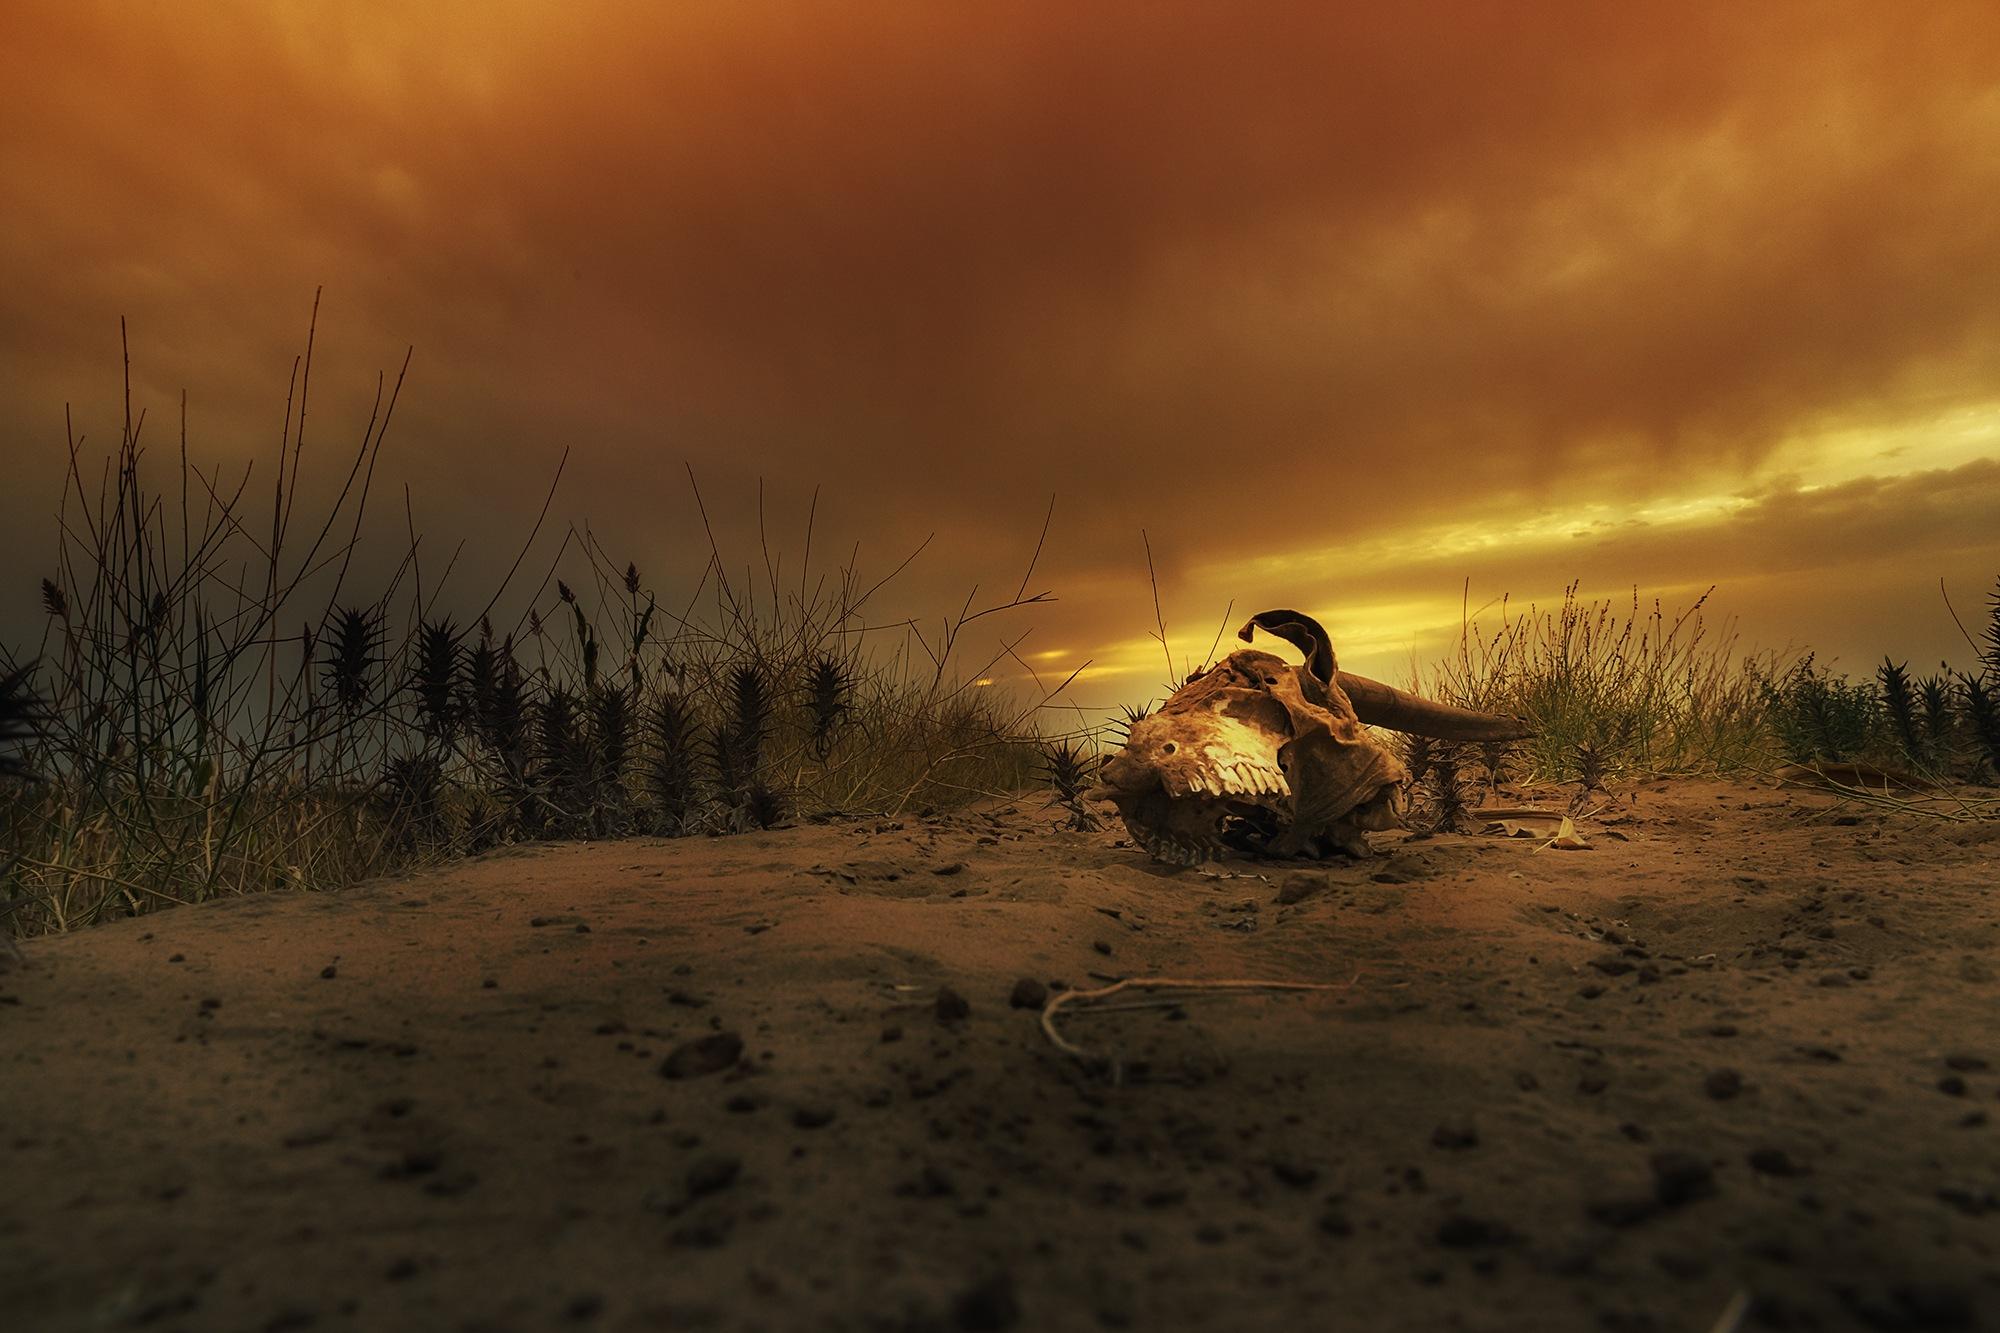 The End by Basim Al-Hamali